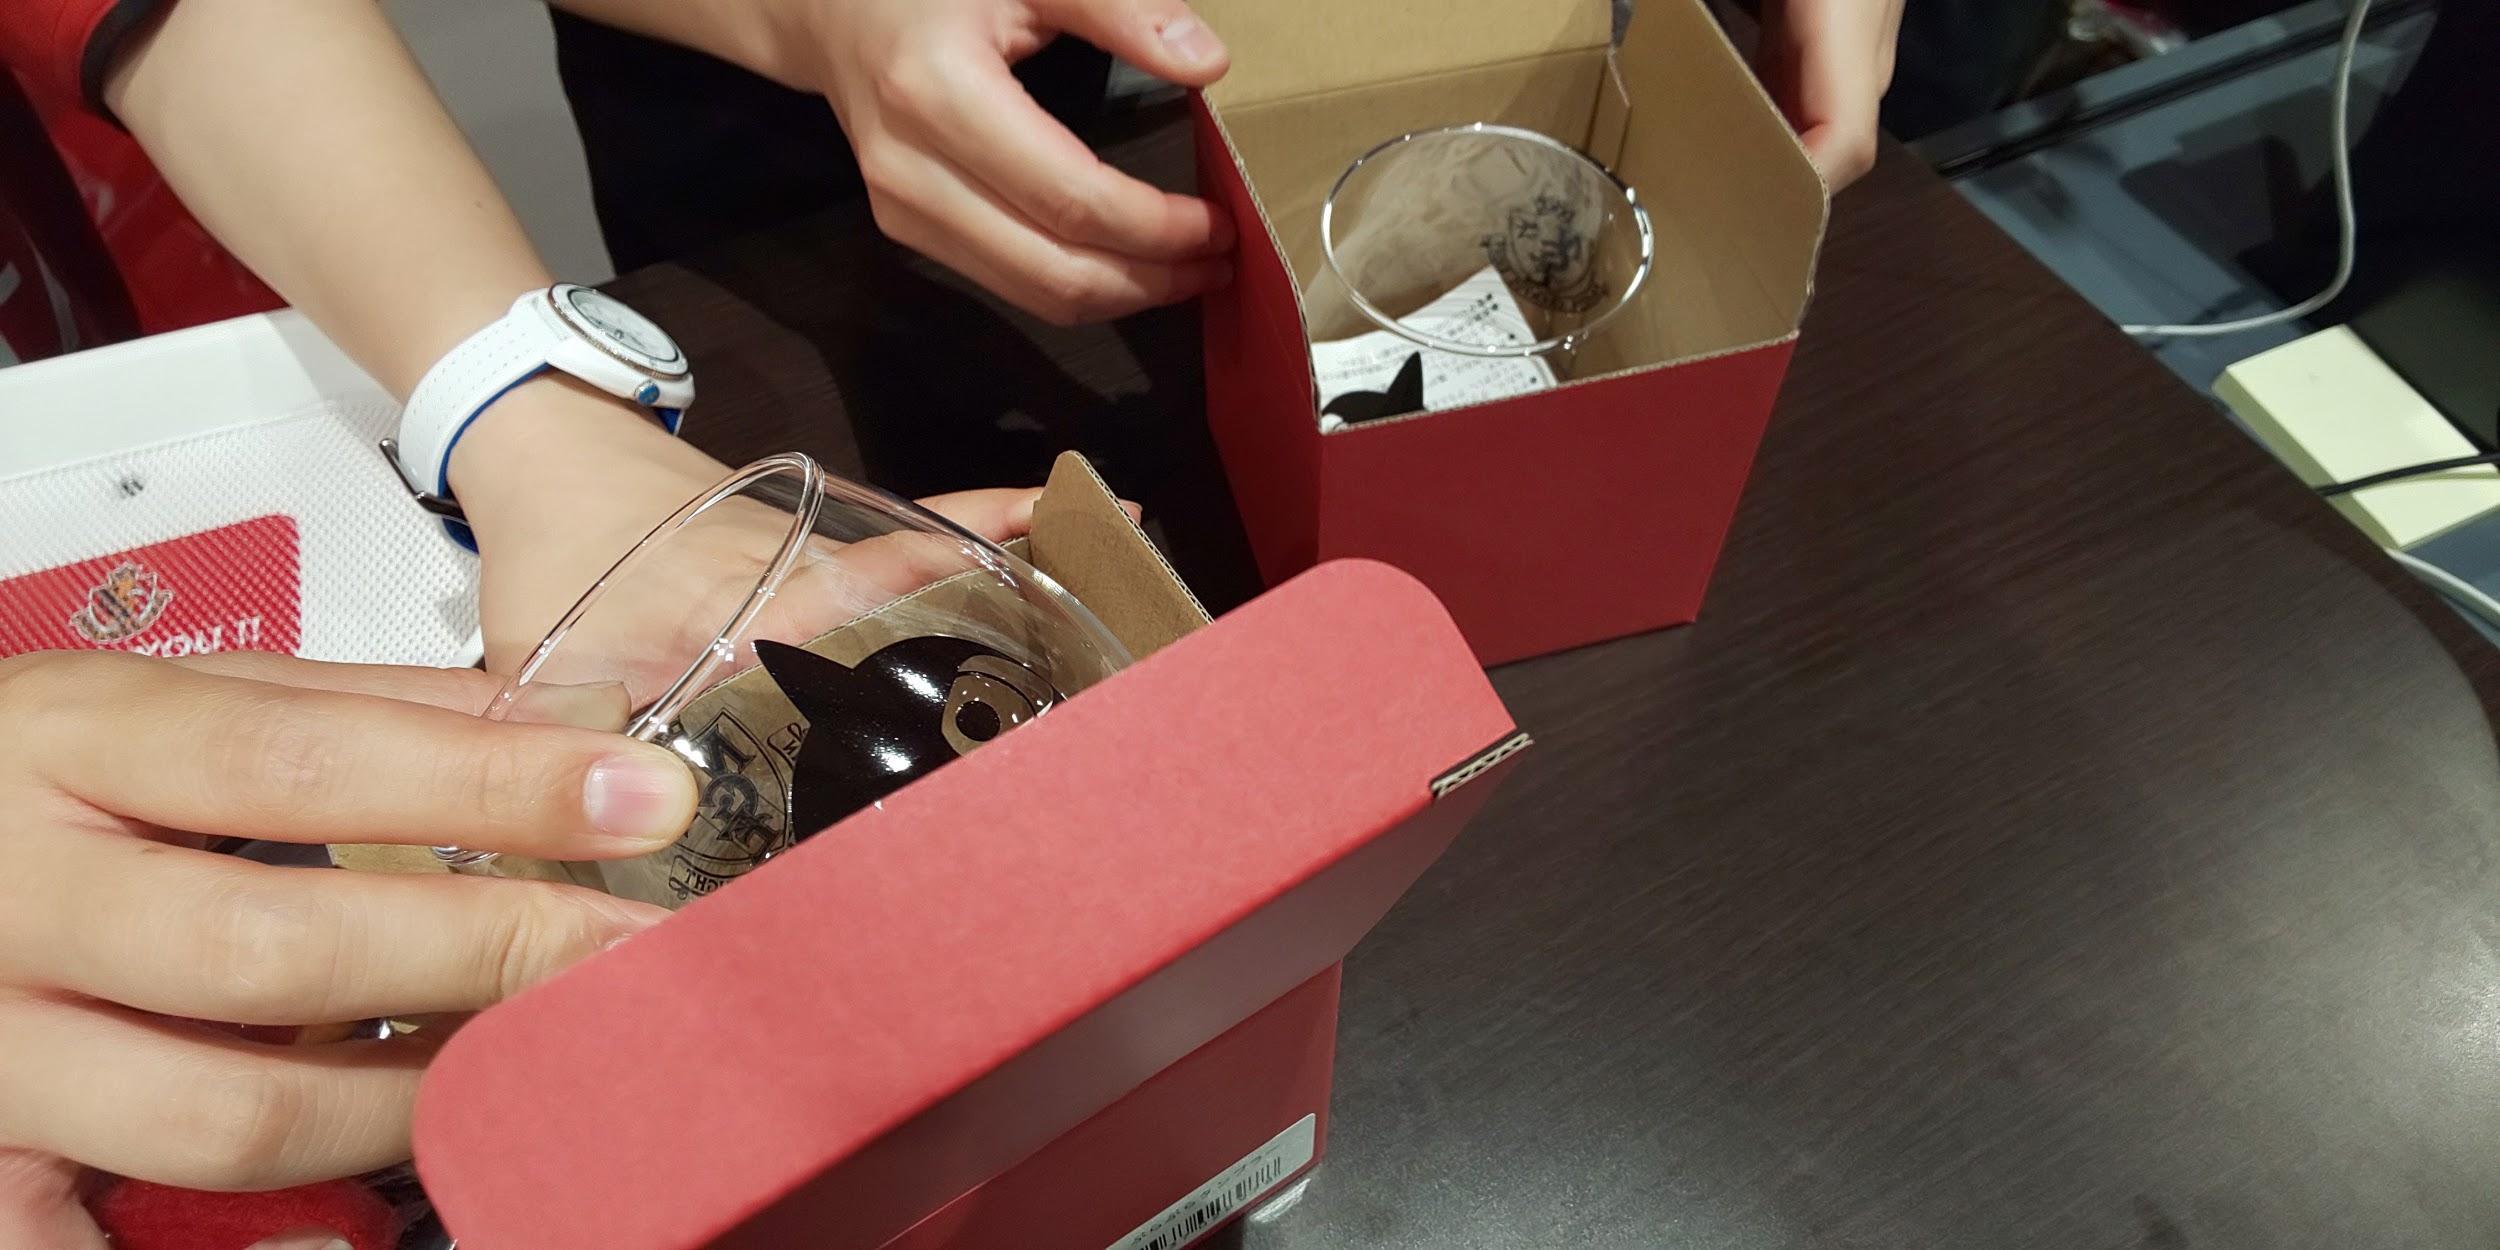 グッズを速やかに包装するスタッフ